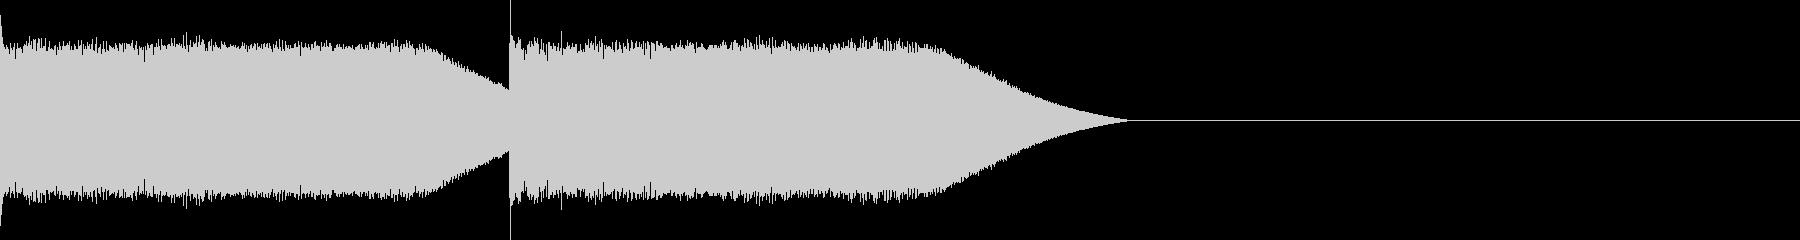 ピコピコ! の未再生の波形